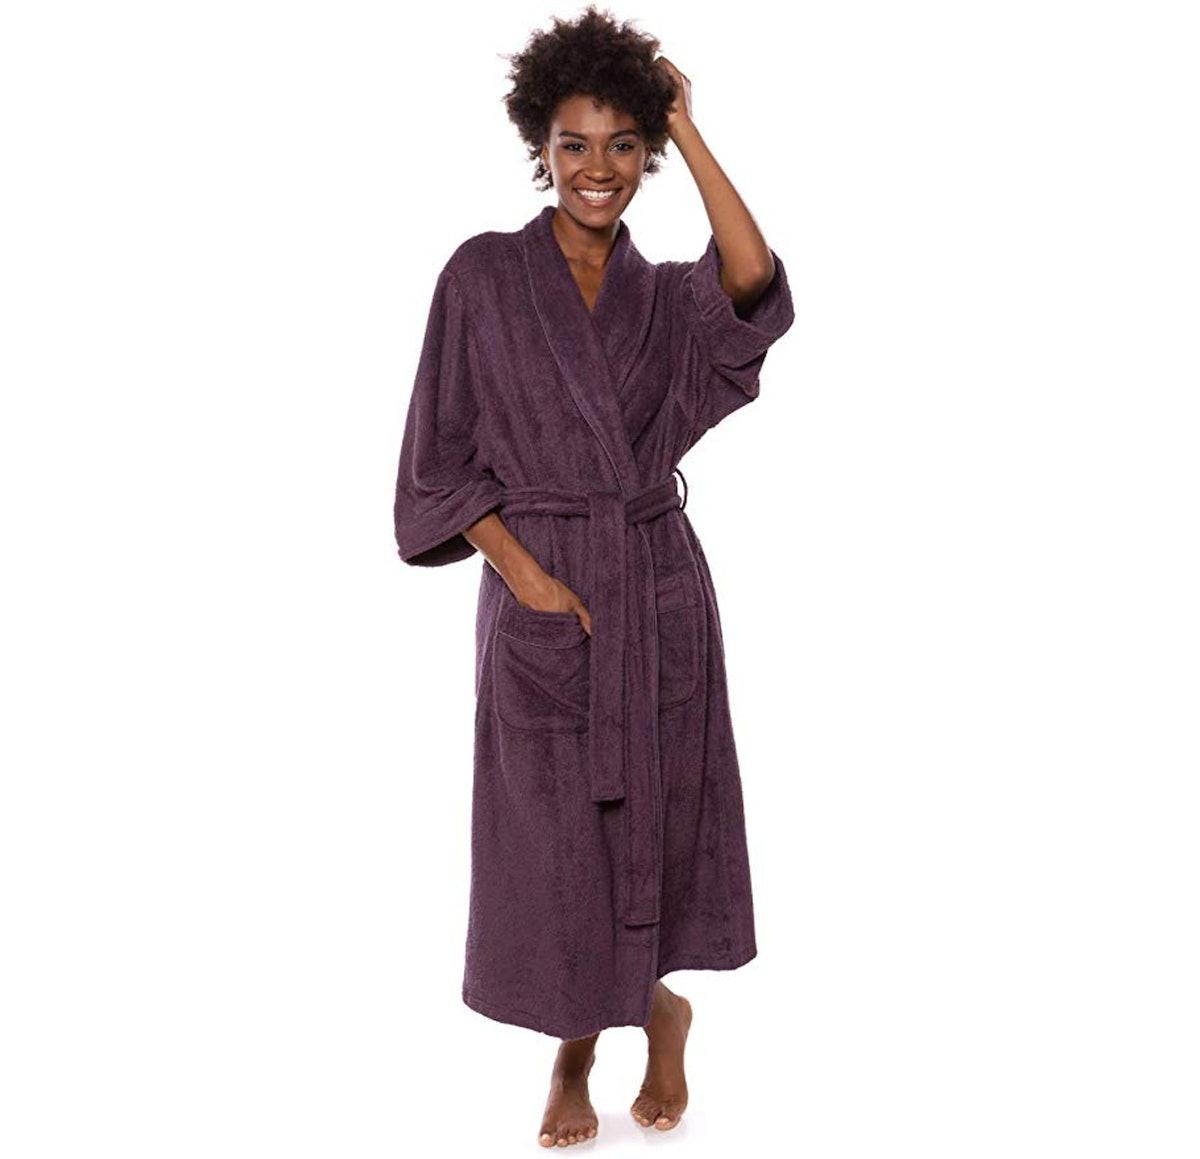 TexereSilk Terry Cloth Bamboo Viscose Robe